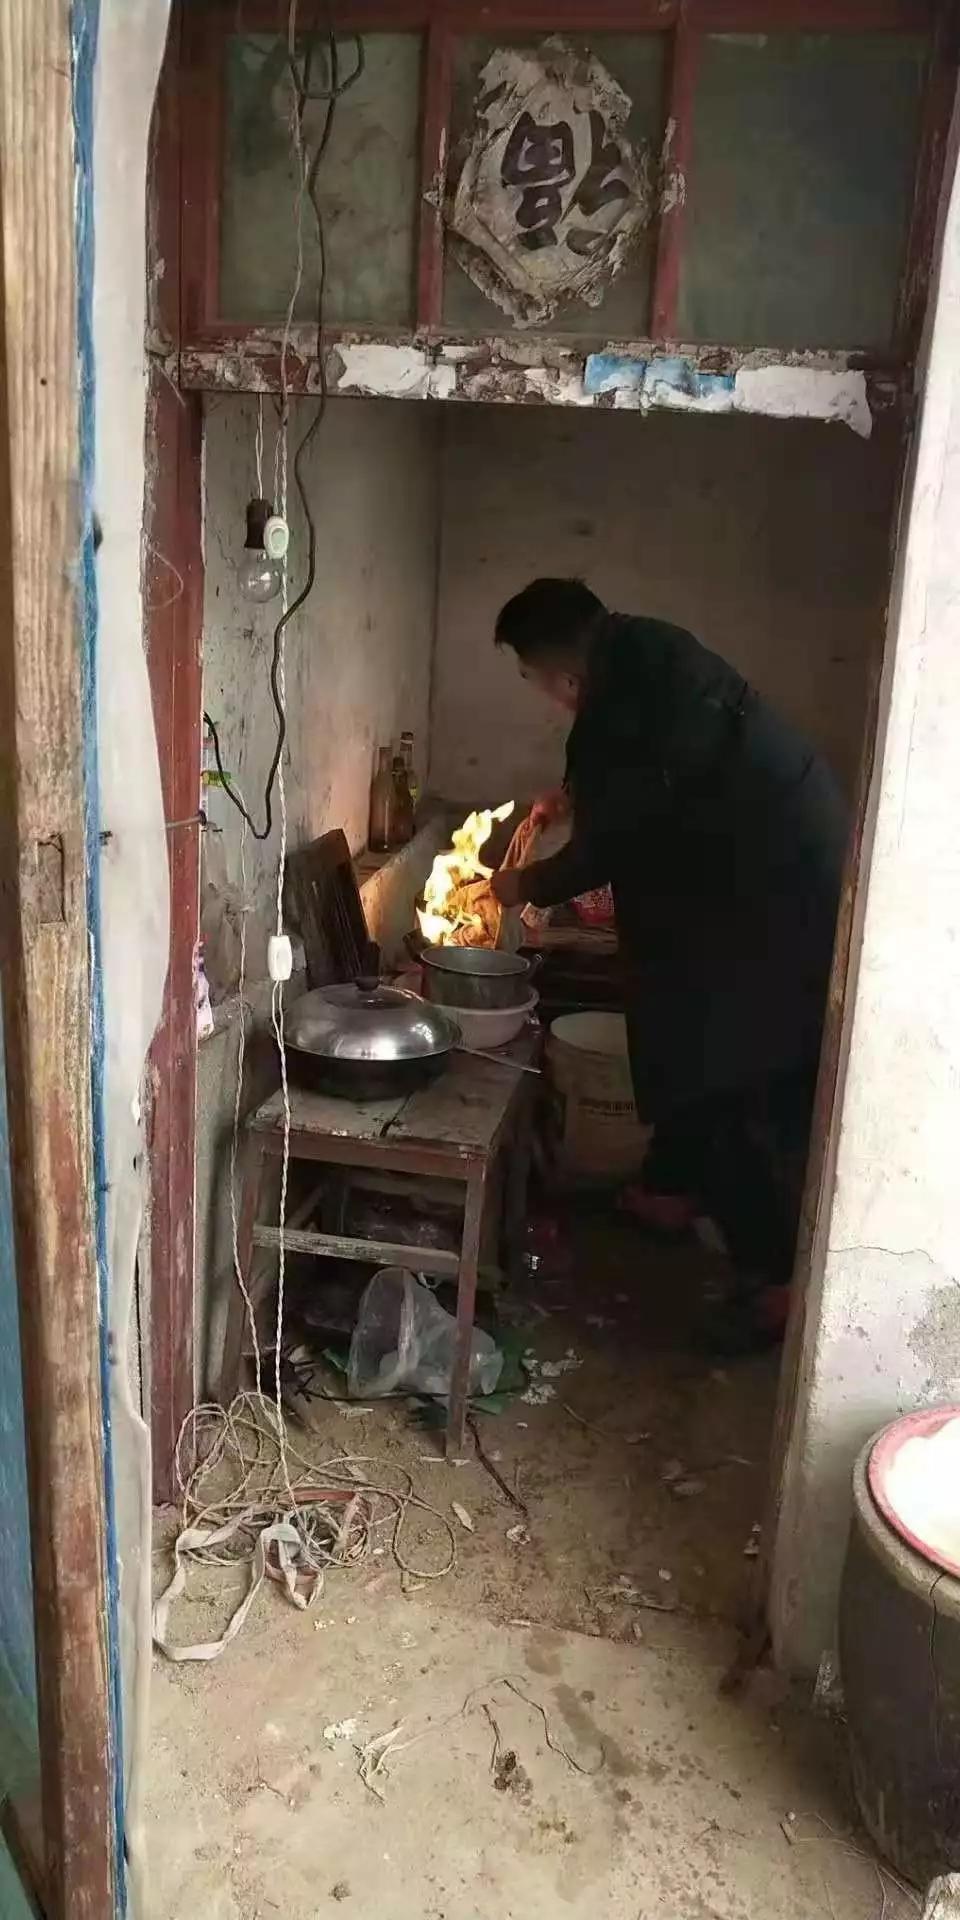 青湖一大爷在家做饭,结果不小心将厨房内的煤气罐点燃...